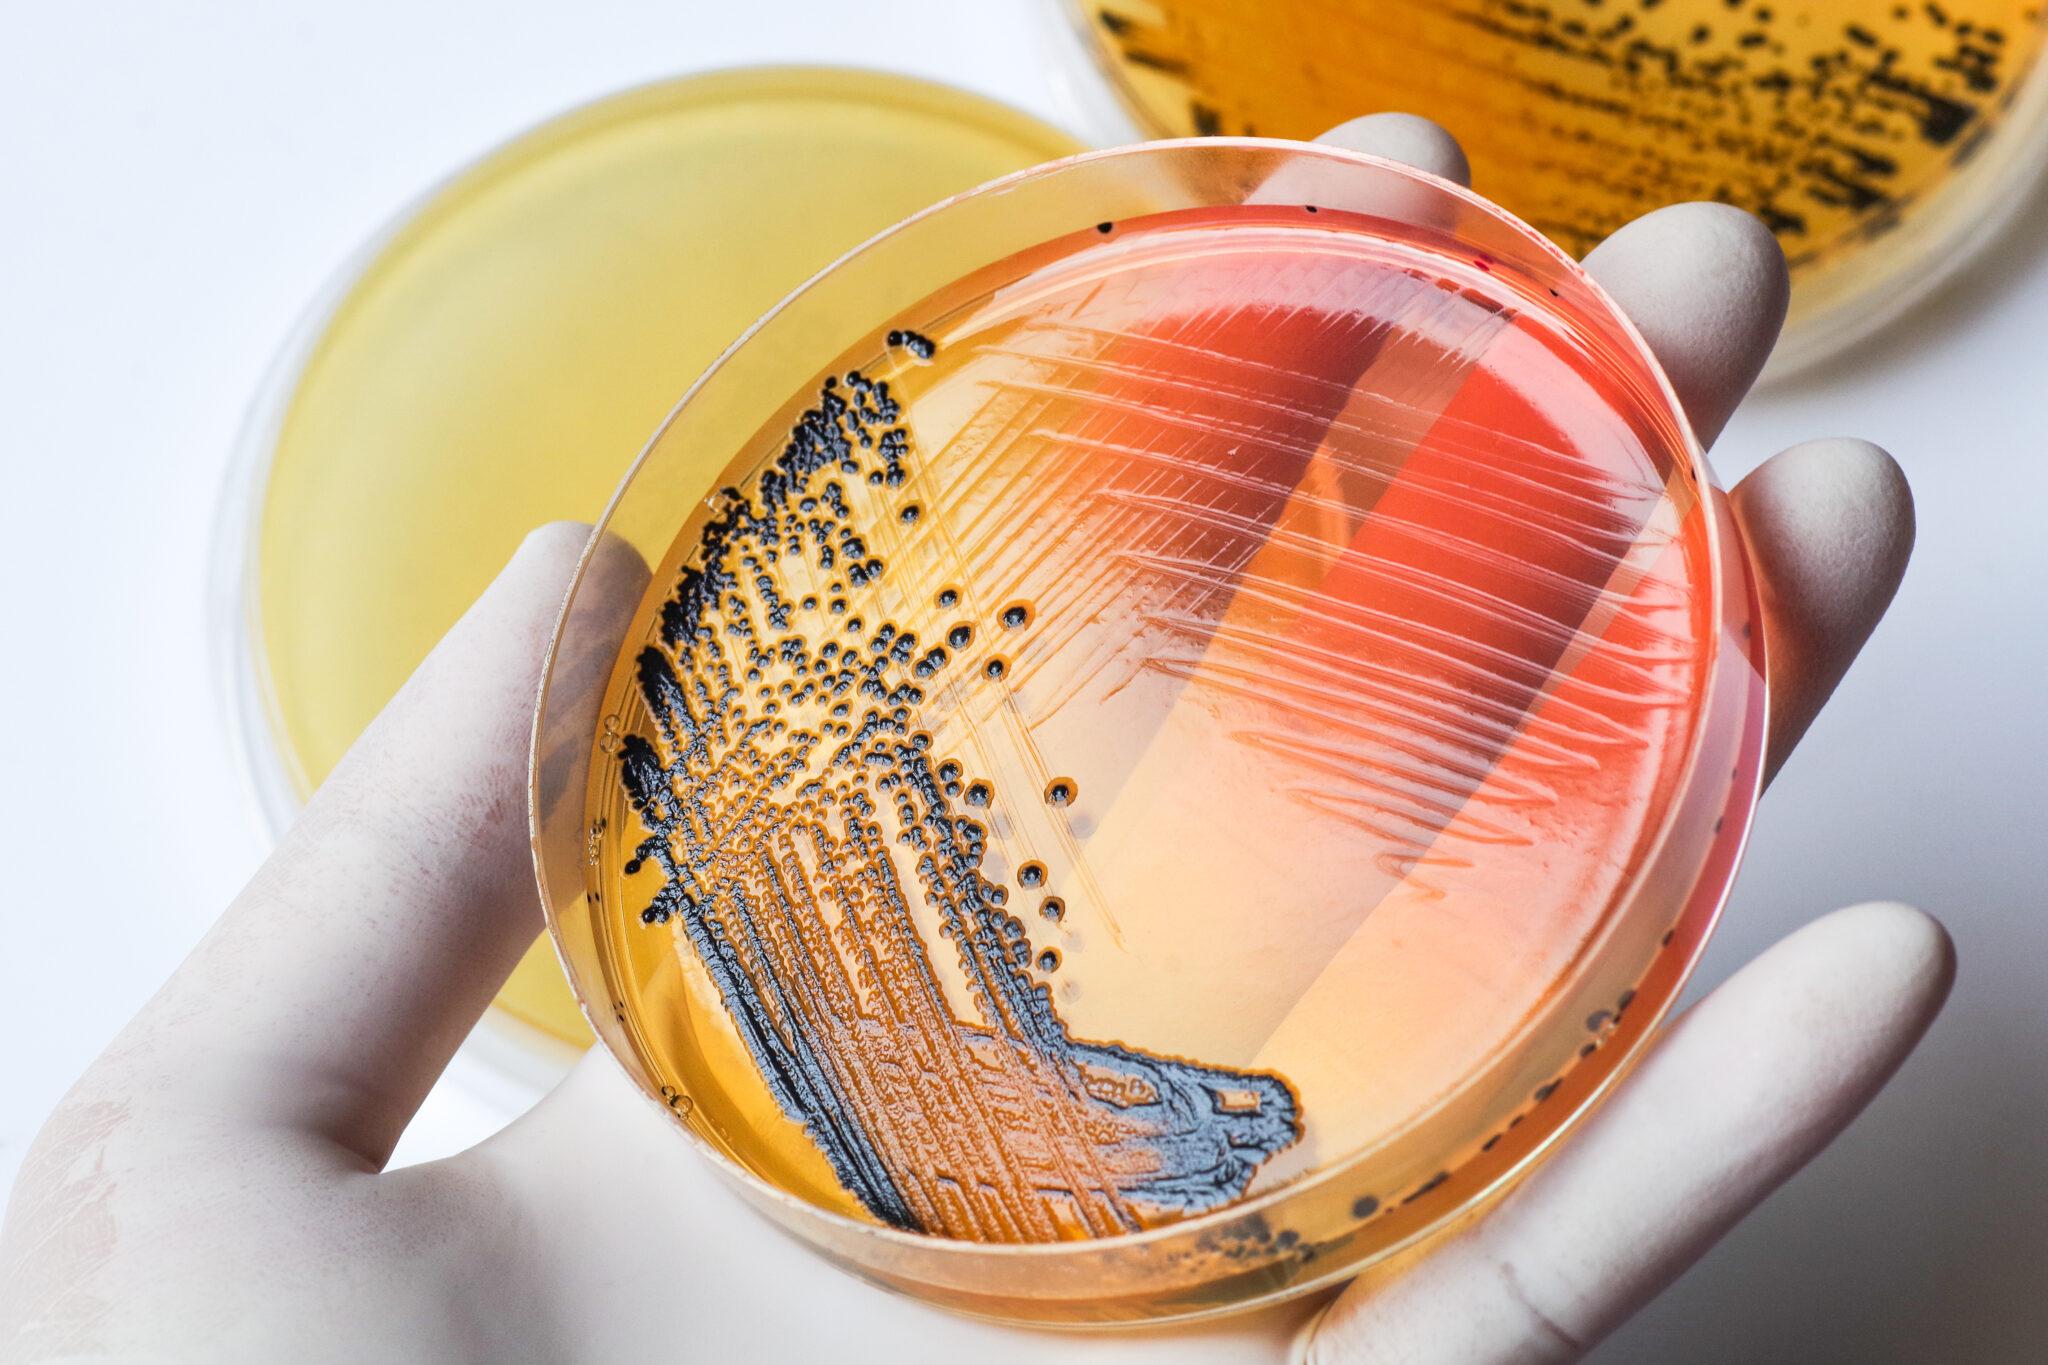 Petrischale mit Salmonellenkulturen